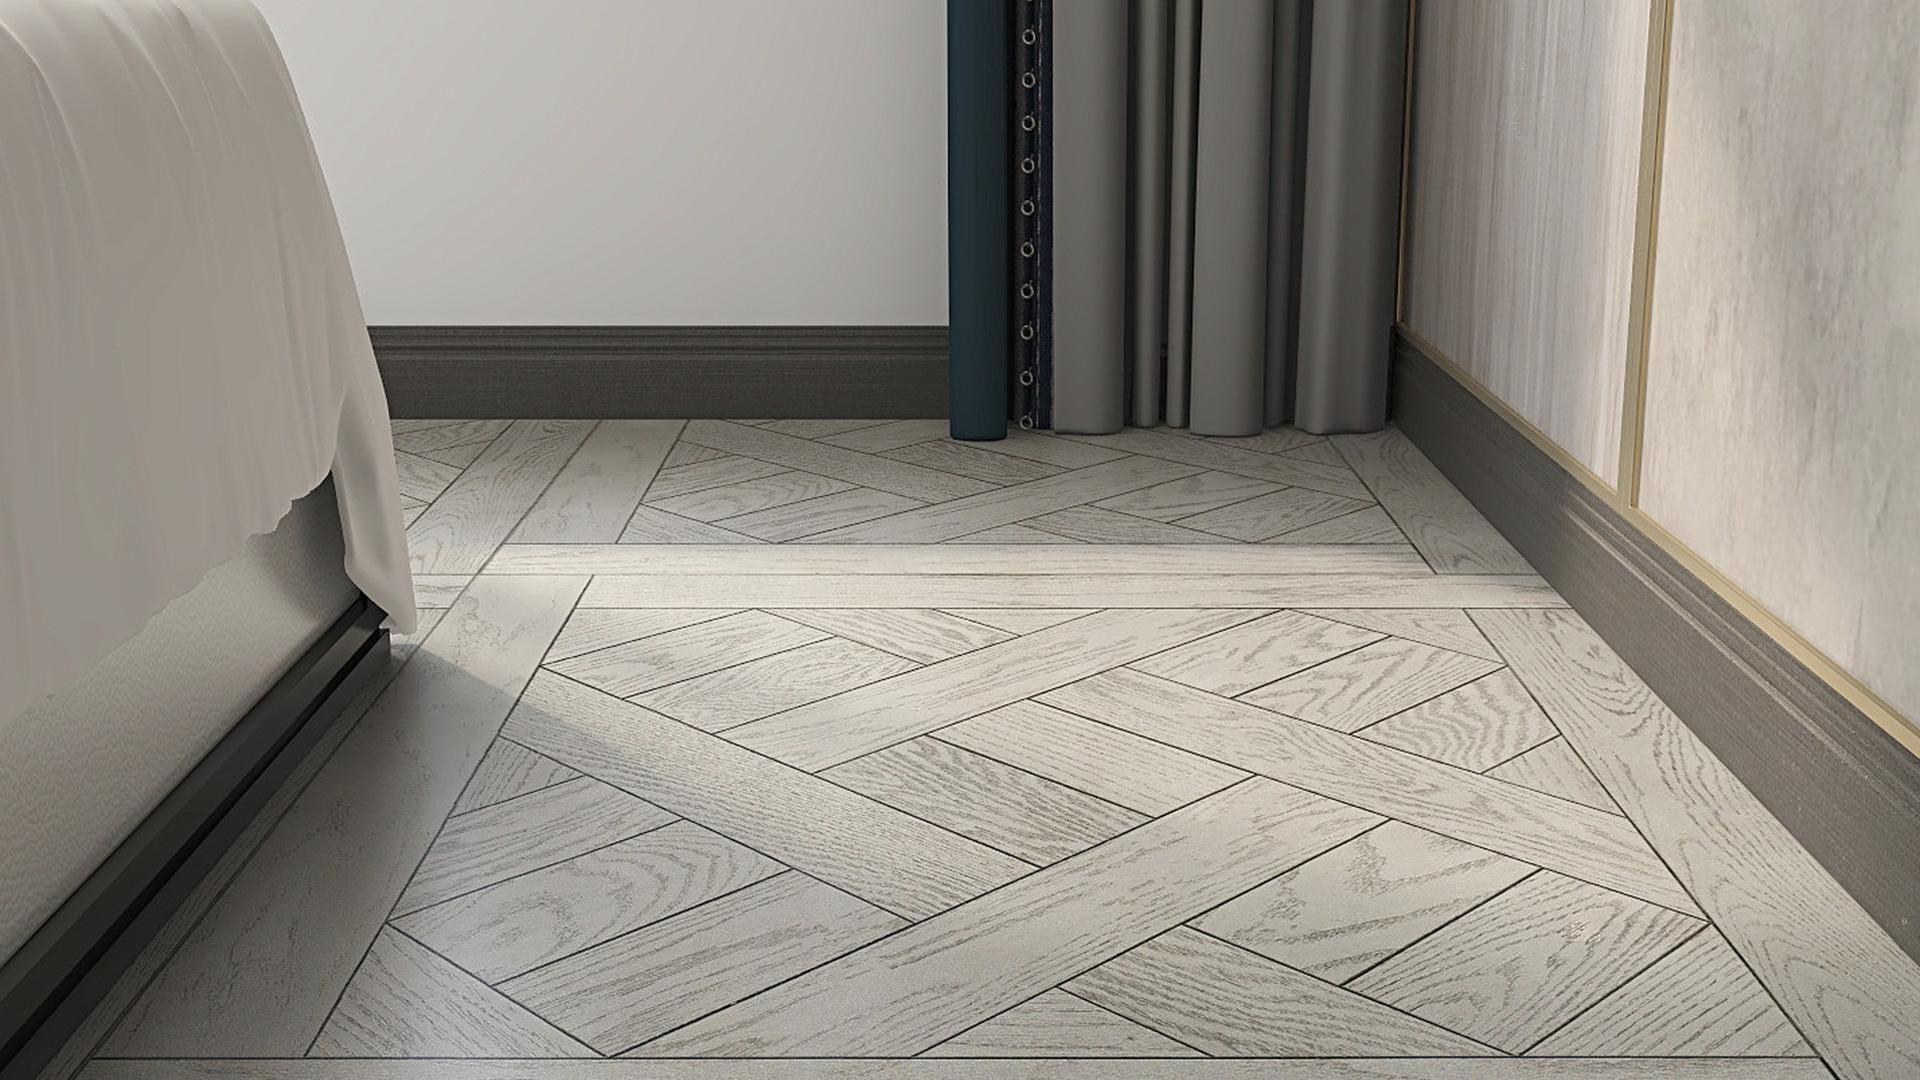 意大利GARBELOTTO实木复合地板,白金色方形拼花